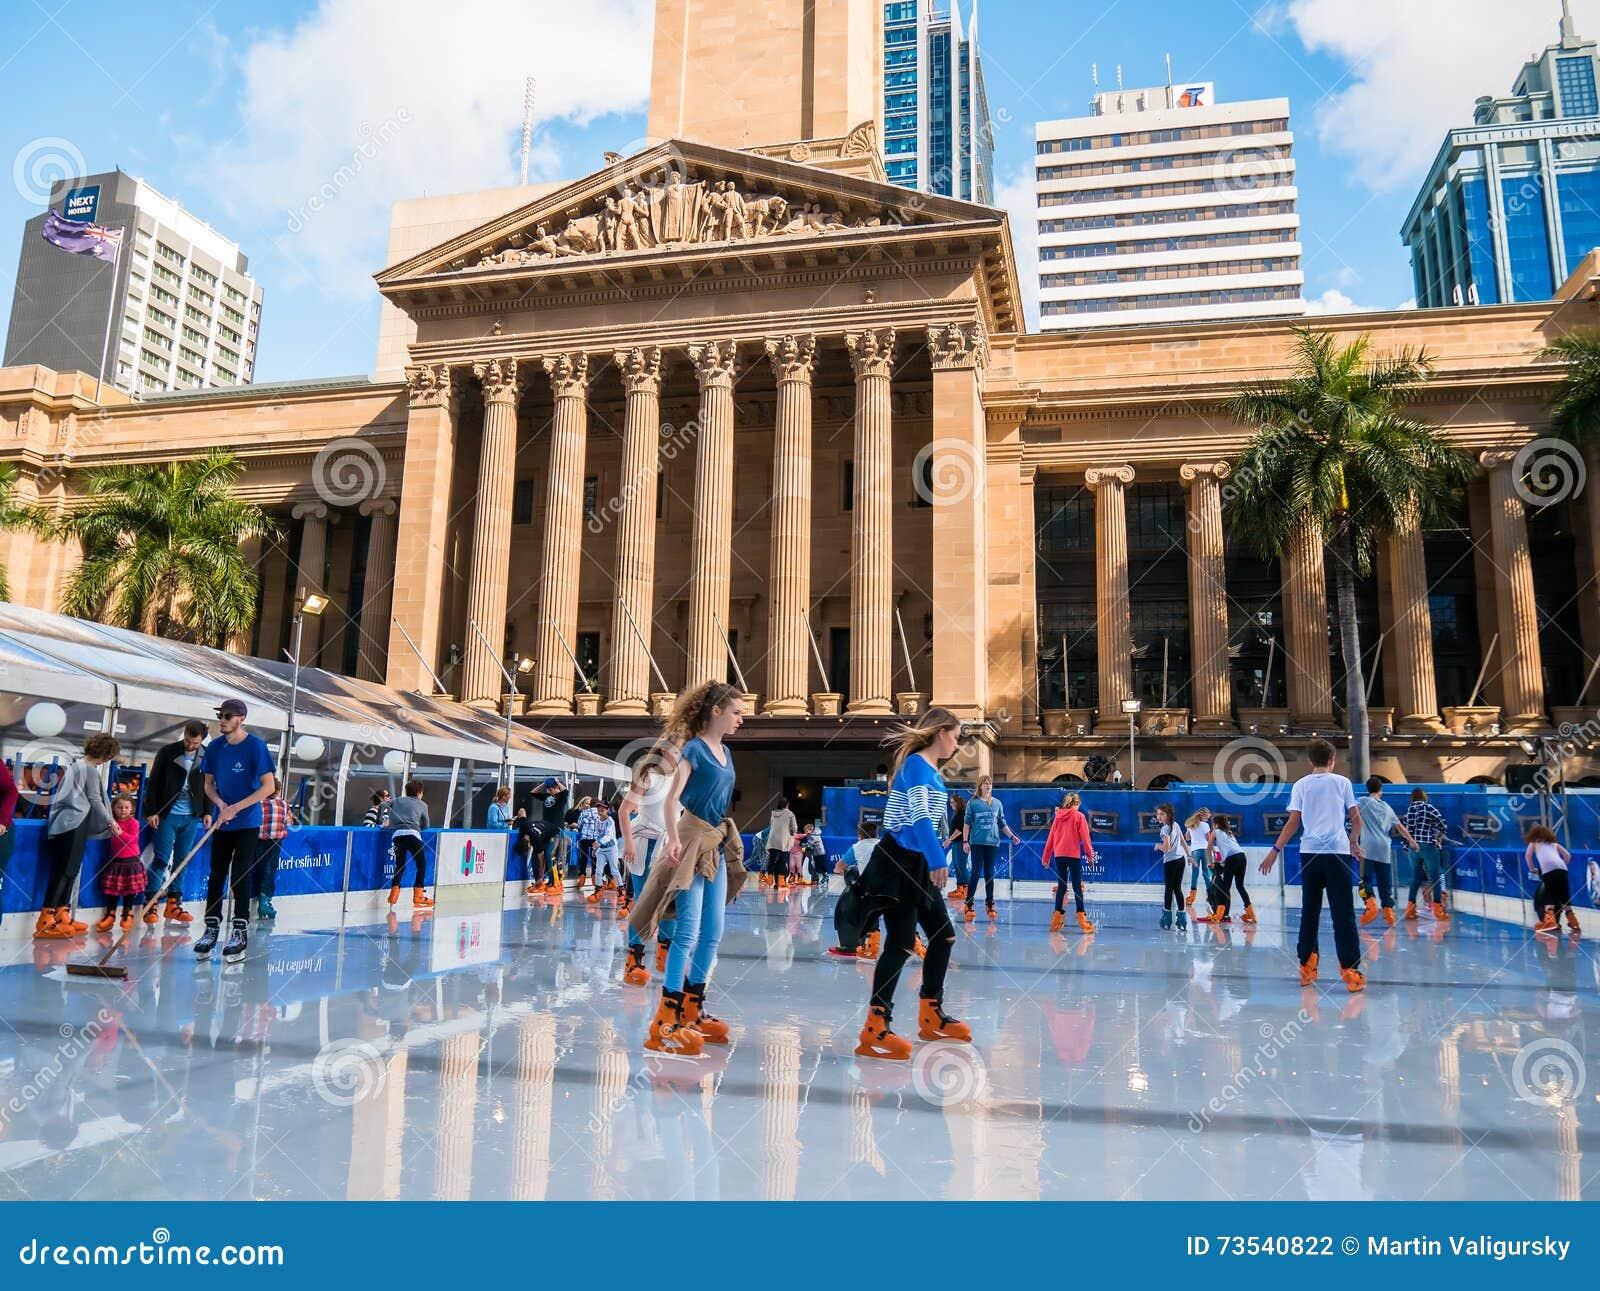 Ice skating brisbane city